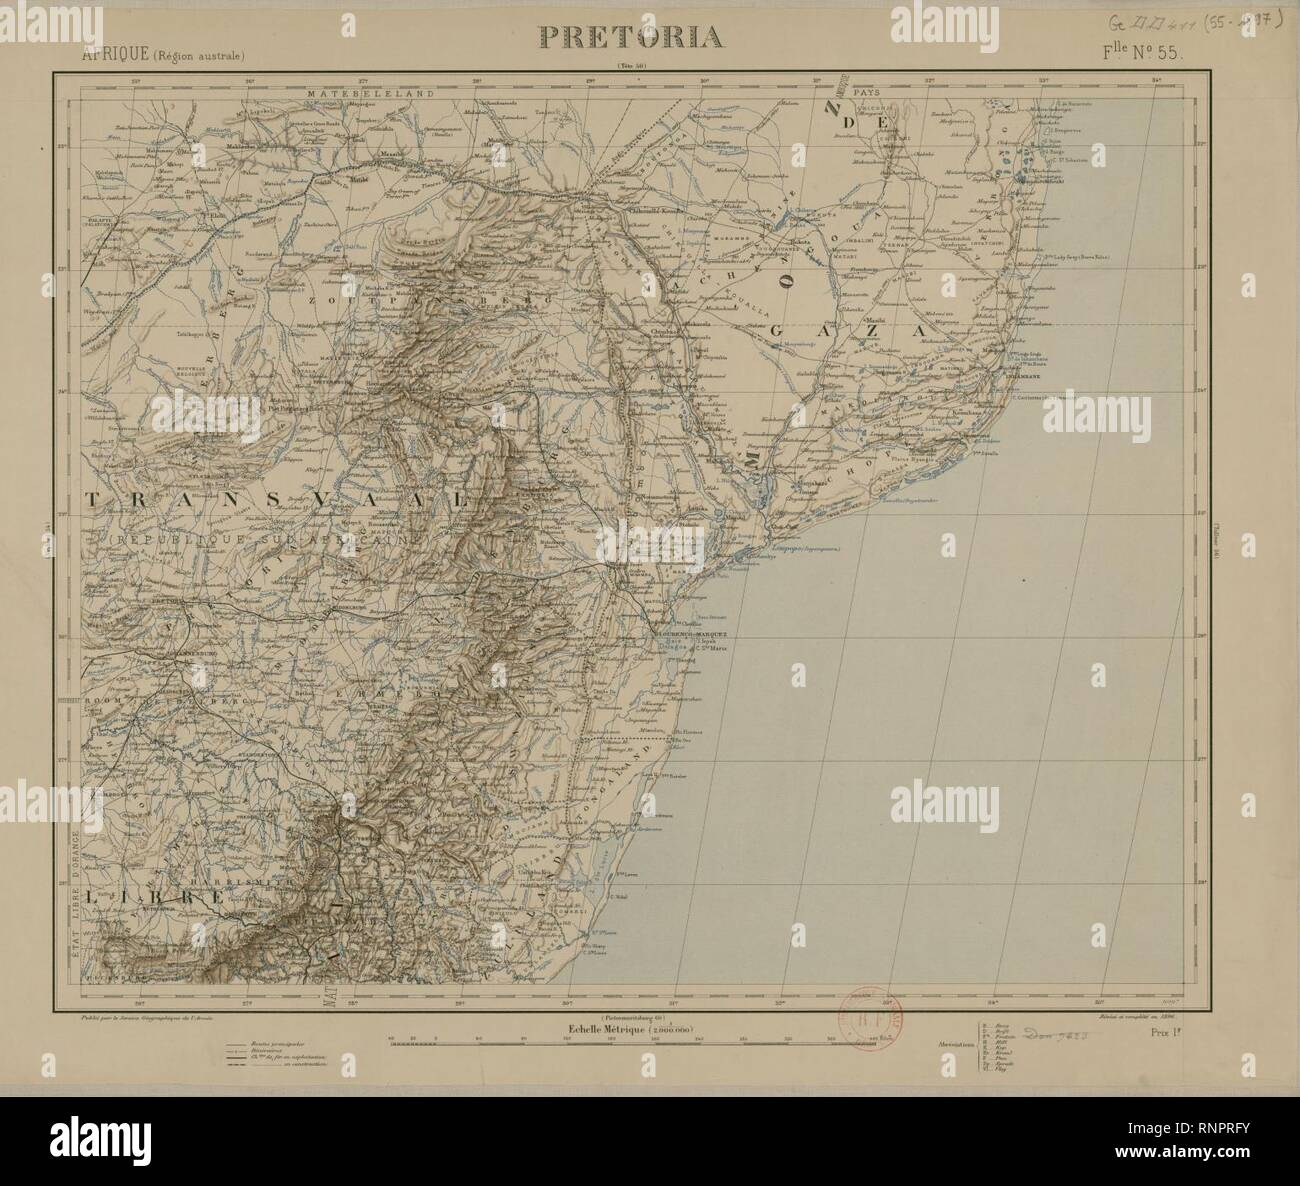 Carte de l'Afrique, Pretoria (région australe). - Stock Image